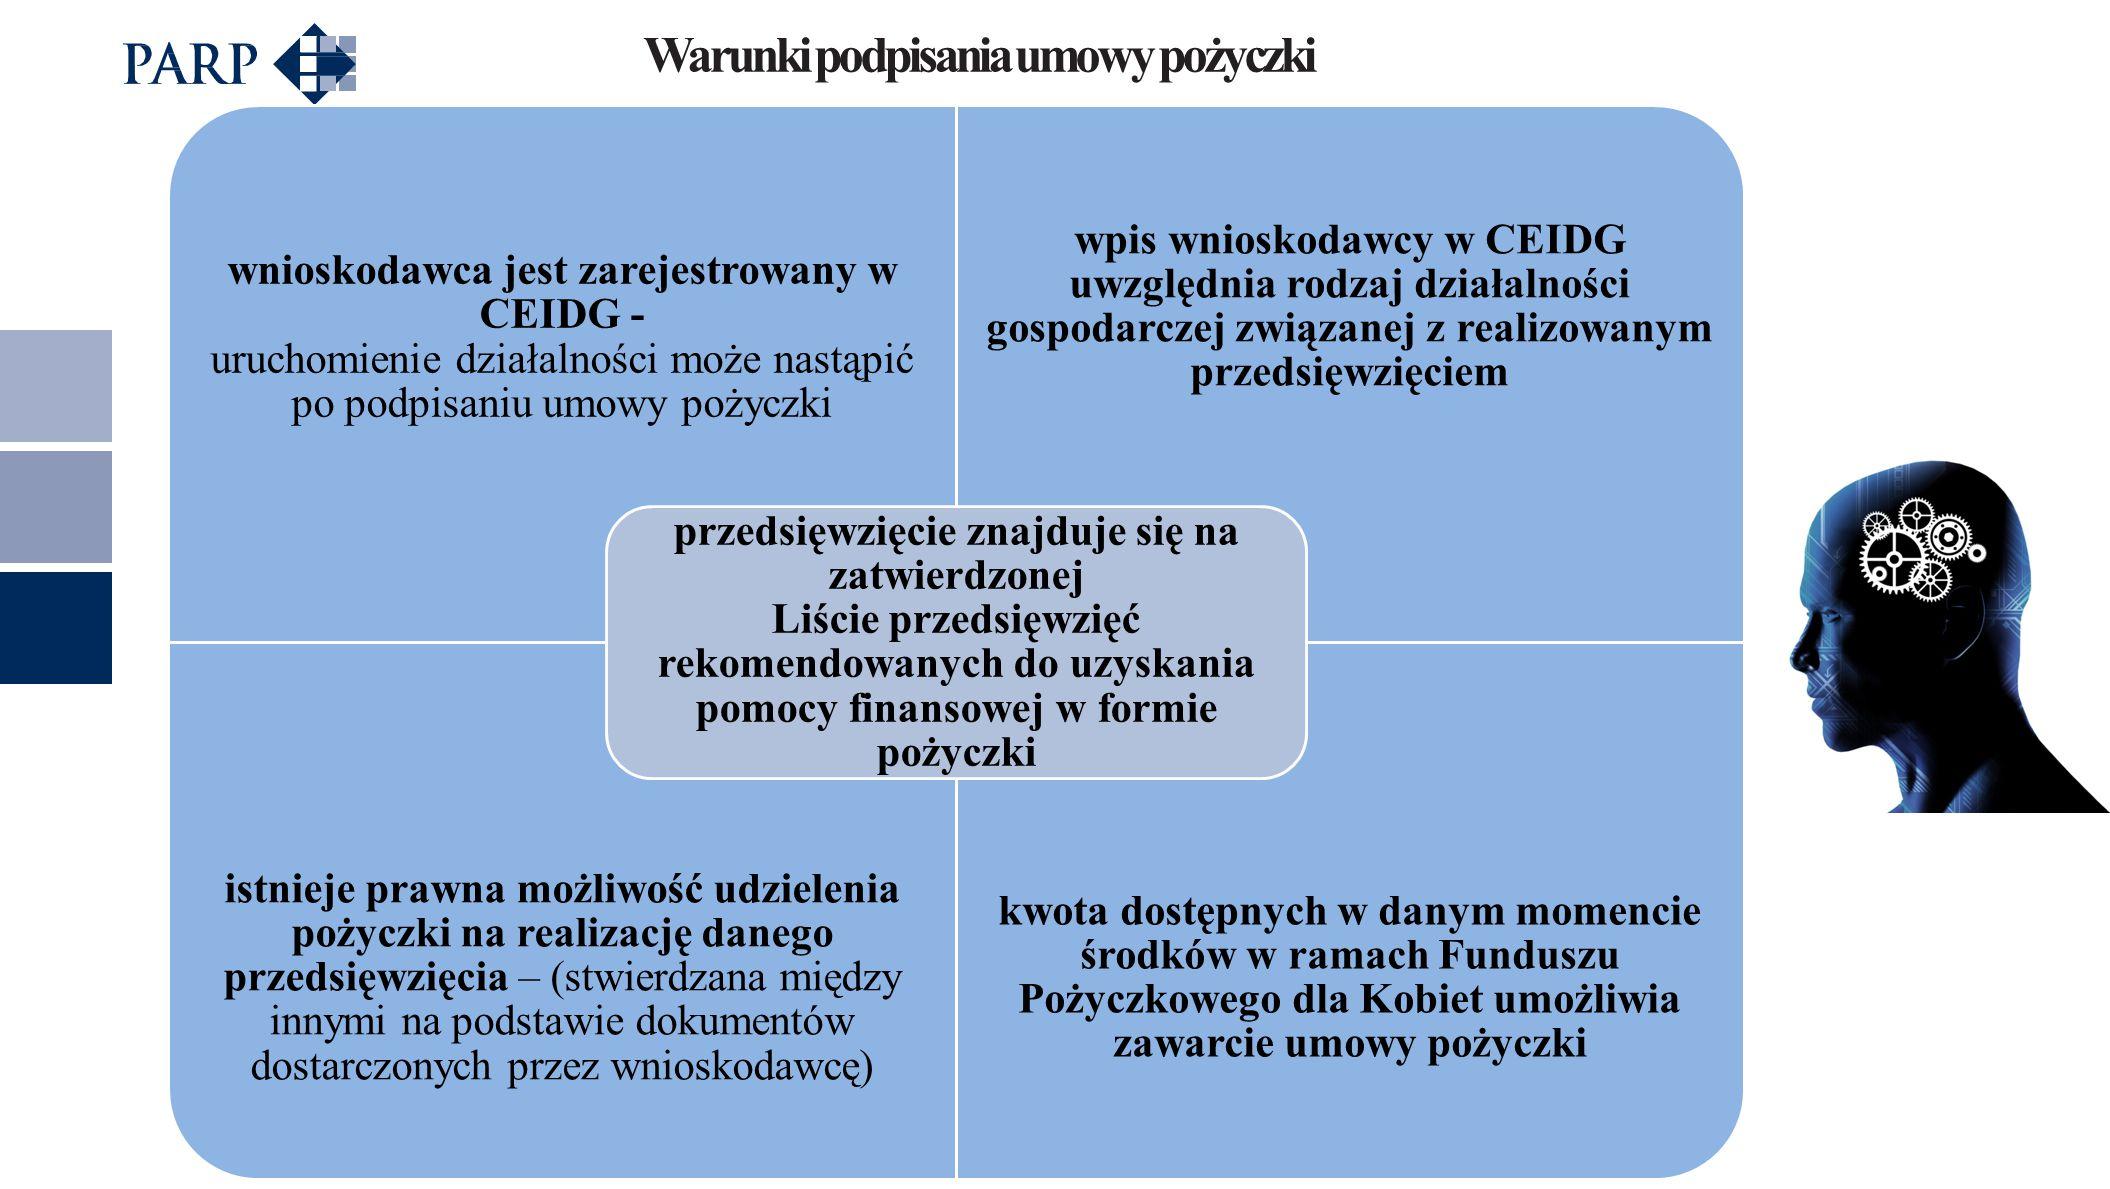 Warunki podpisania umowy pożyczki wnioskodawca jest zarejestrowany w CEIDG - uruchomienie działalności może nastąpić po podpisaniu umowy pożyczki wpis wnioskodawcy w CEIDG uwzględnia rodzaj działalności gospodarczej związanej z realizowanym przedsięwzięciem istnieje prawna możliwość udzielenia pożyczki na realizację danego przedsięwzięcia – (stwierdzana między innymi na podstawie dokumentów dostarczonych przez wnioskodawcę) kwota dostępnych w danym momencie środków w ramach Funduszu Pożyczkowego dla Kobiet umożliwia zawarcie umowy pożyczki przedsięwzięcie znajduje się na zatwierdzonej Liście przedsięwzięć rekomendowanych do uzyskania pomocy finansowej w formie pożyczki